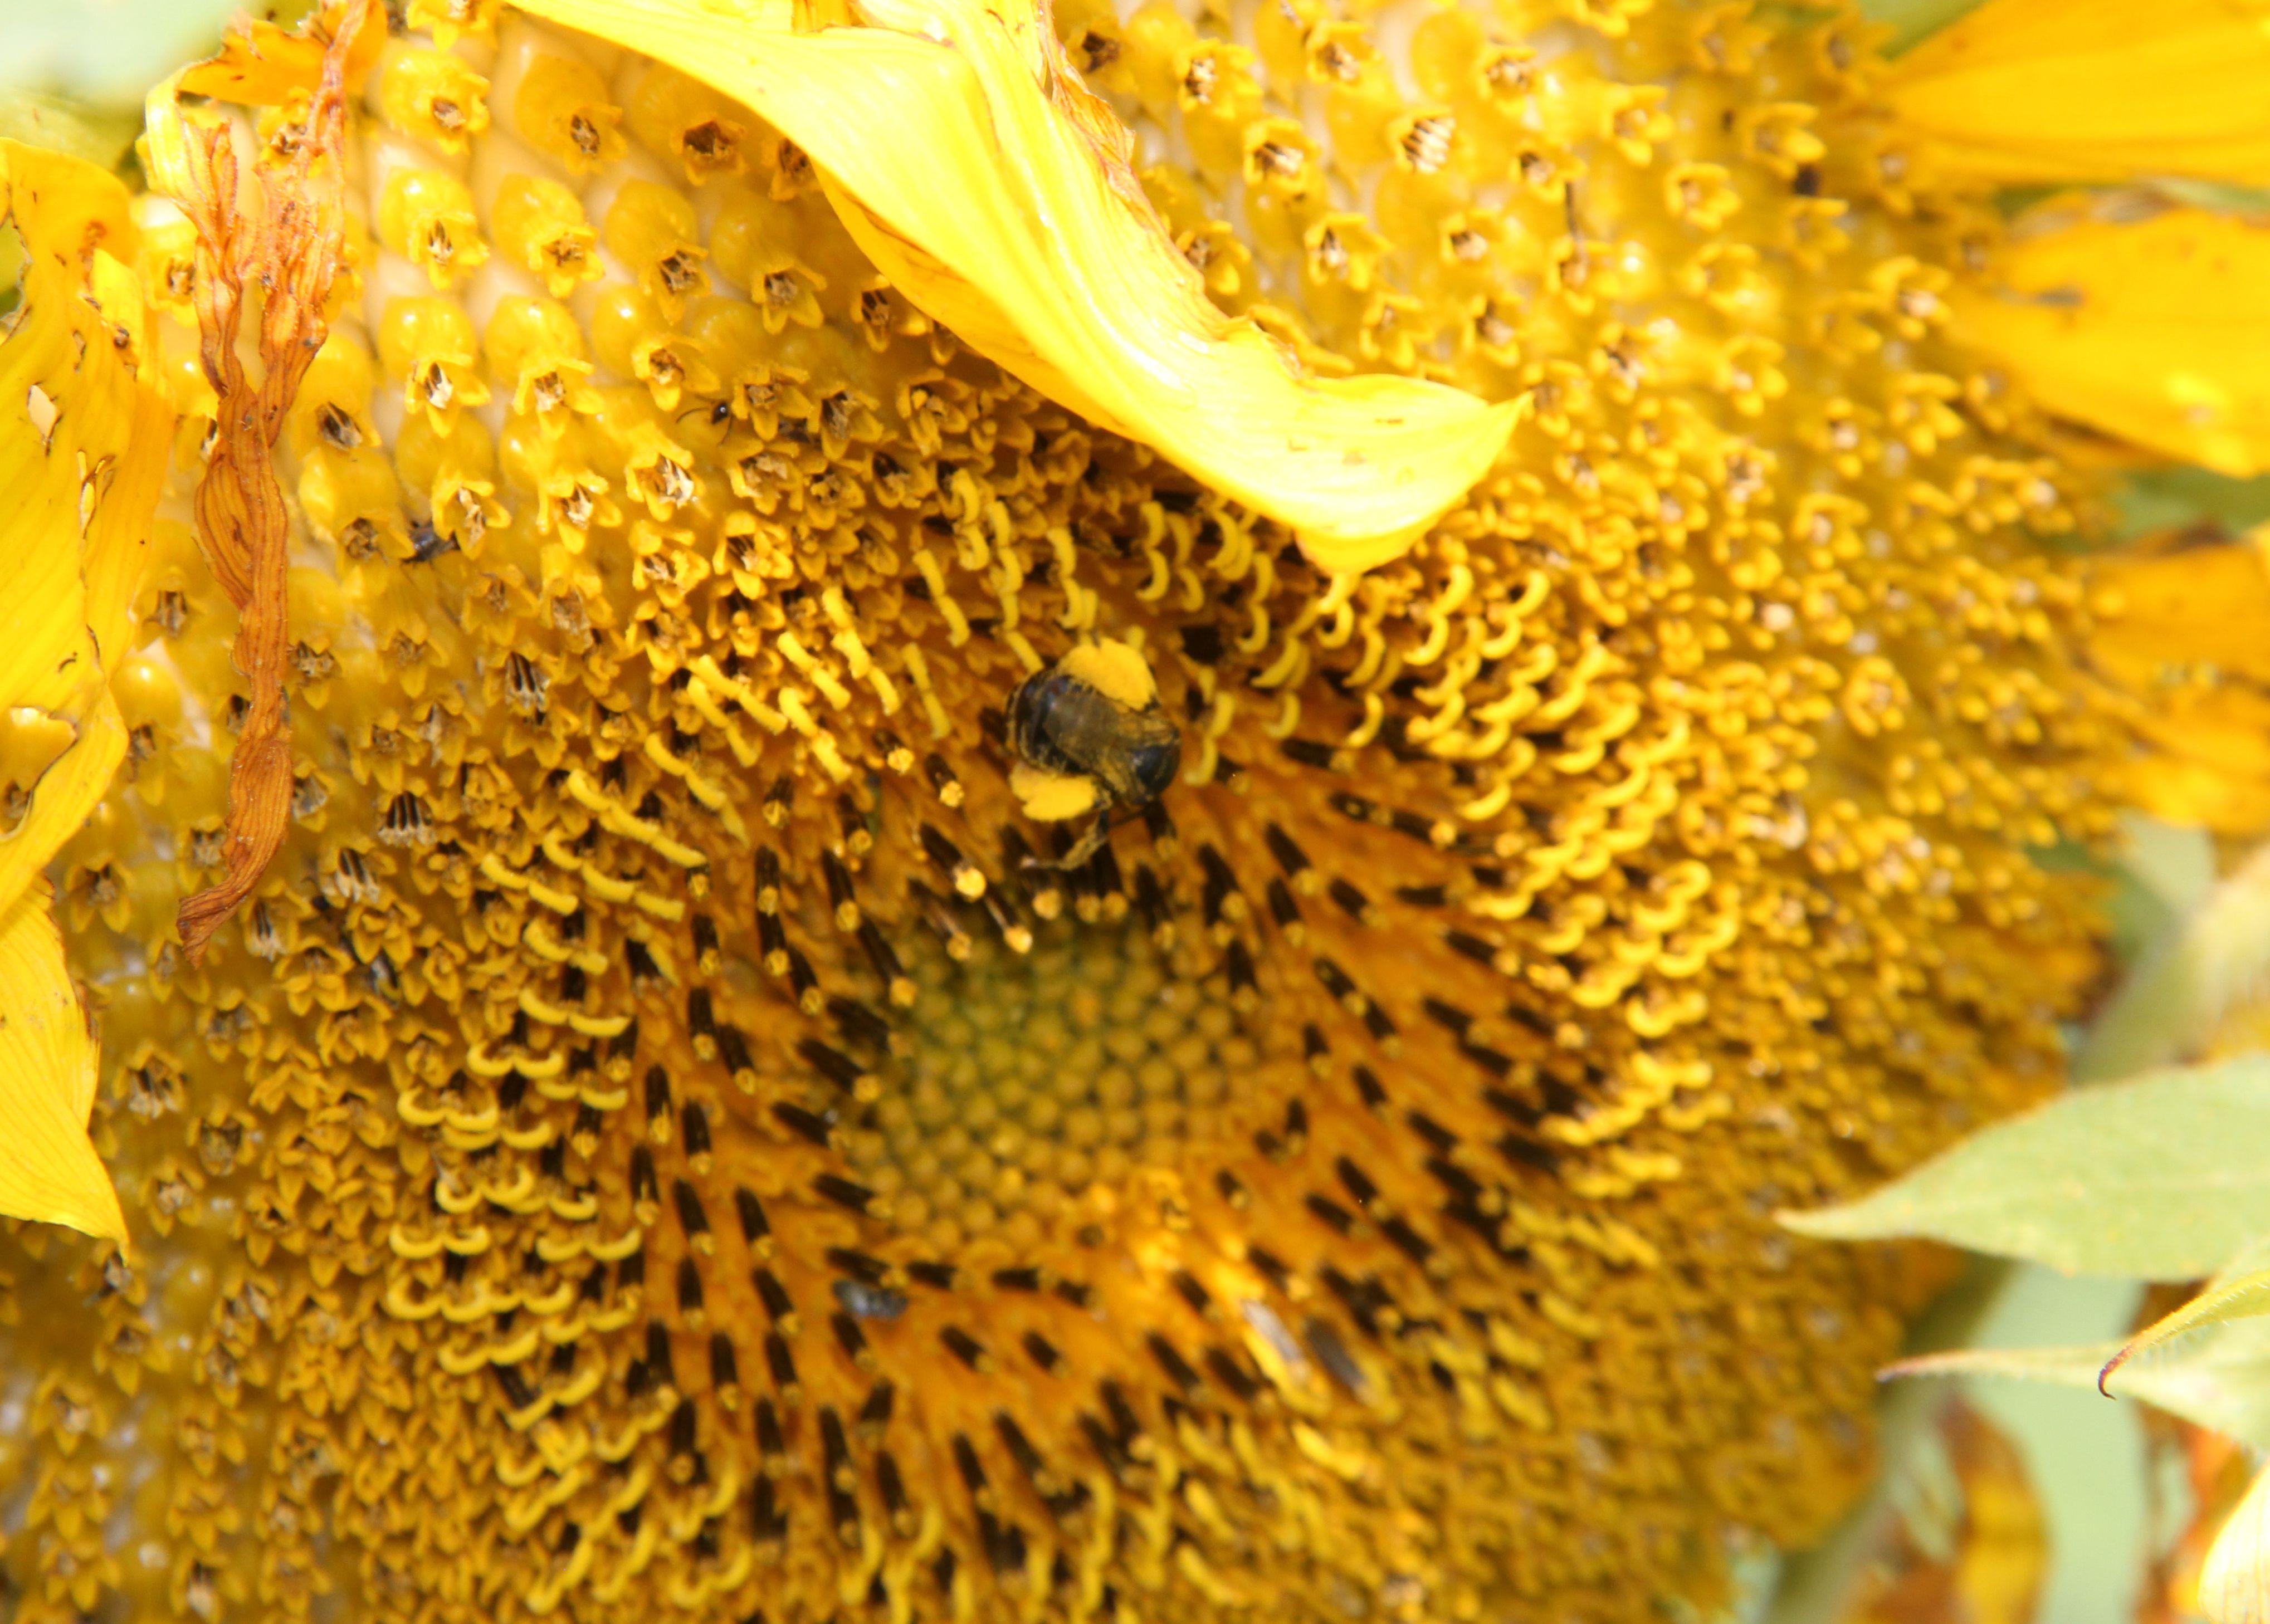 Honey Bee and pollen.